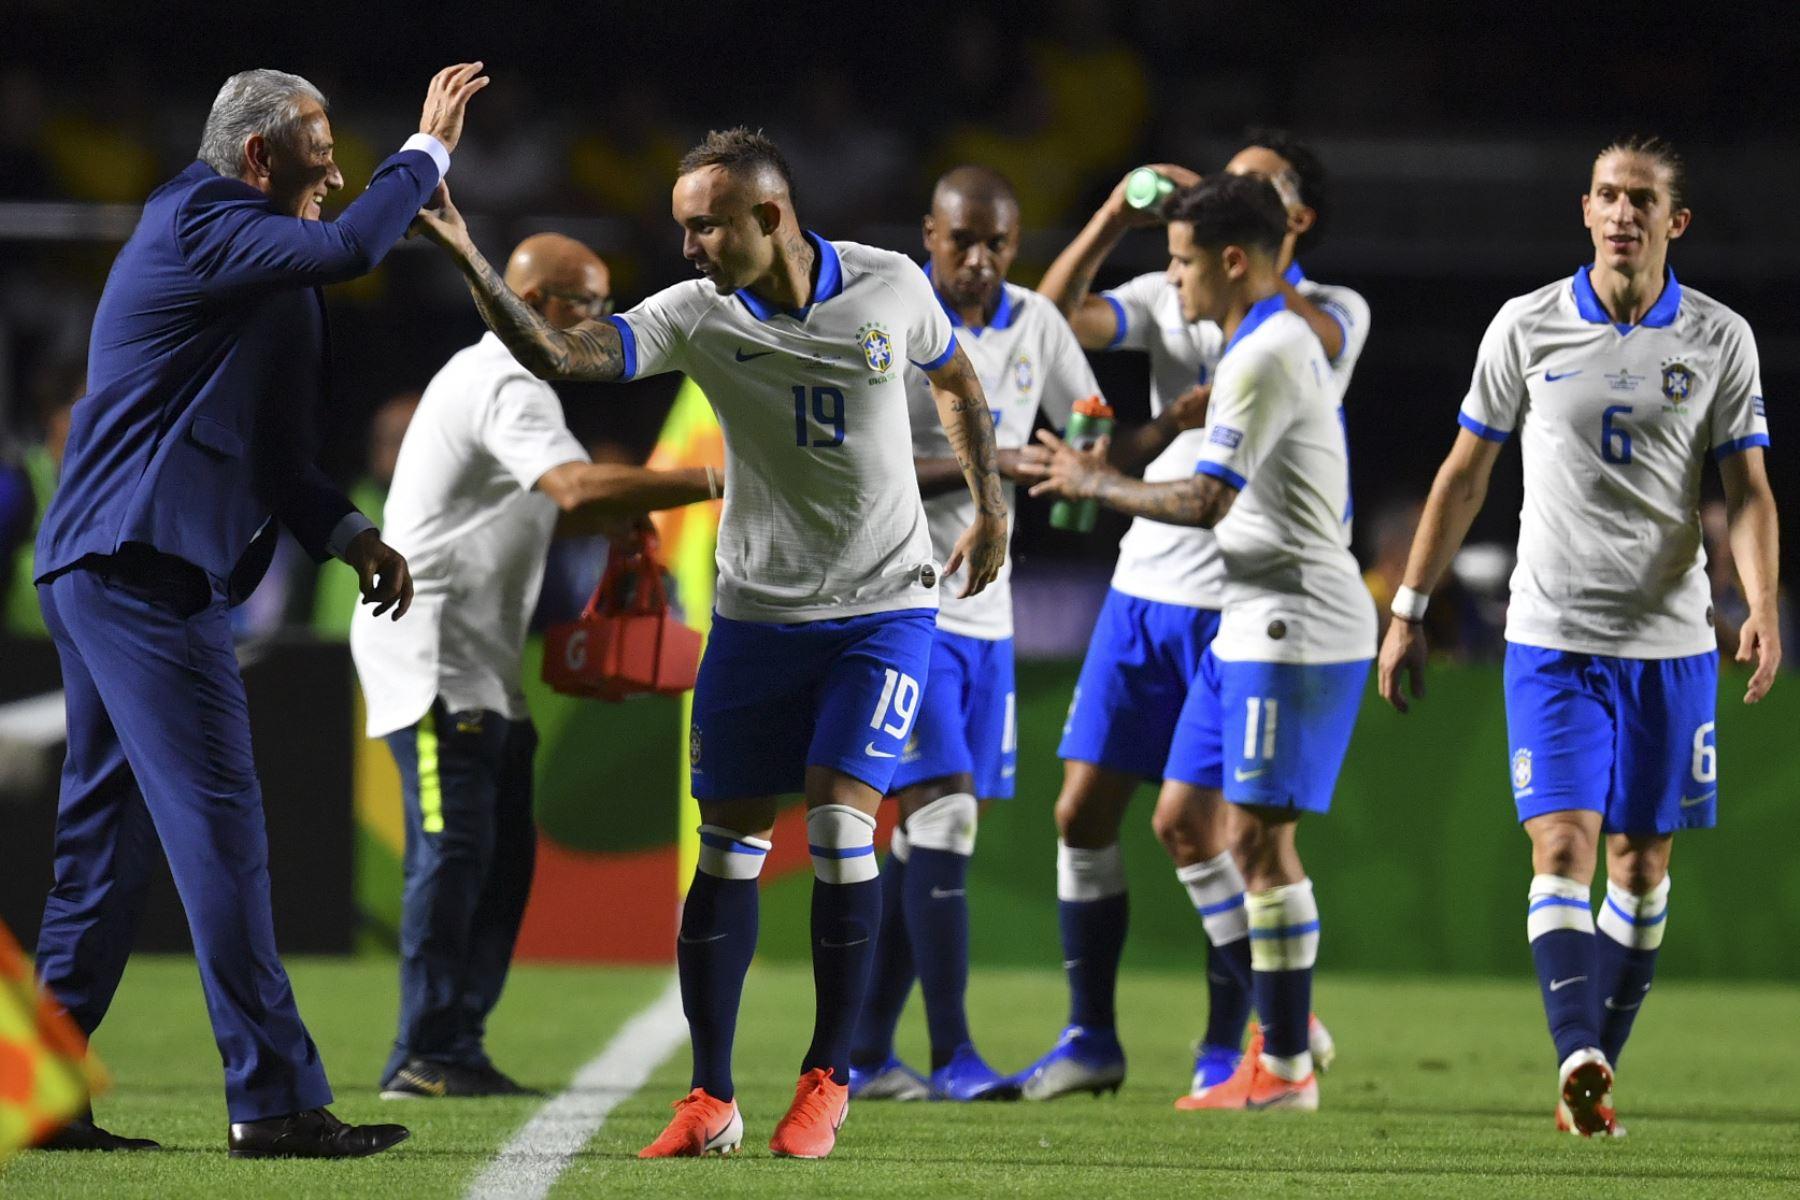 El Everton de Brasil celebra con el entrenador Tite luego de marcar ante Bolivia durante el partido de torneo de fútbol de la Copa América en el estadio Morumbi, en Sao Paulo, Brasil.Foto:AFP